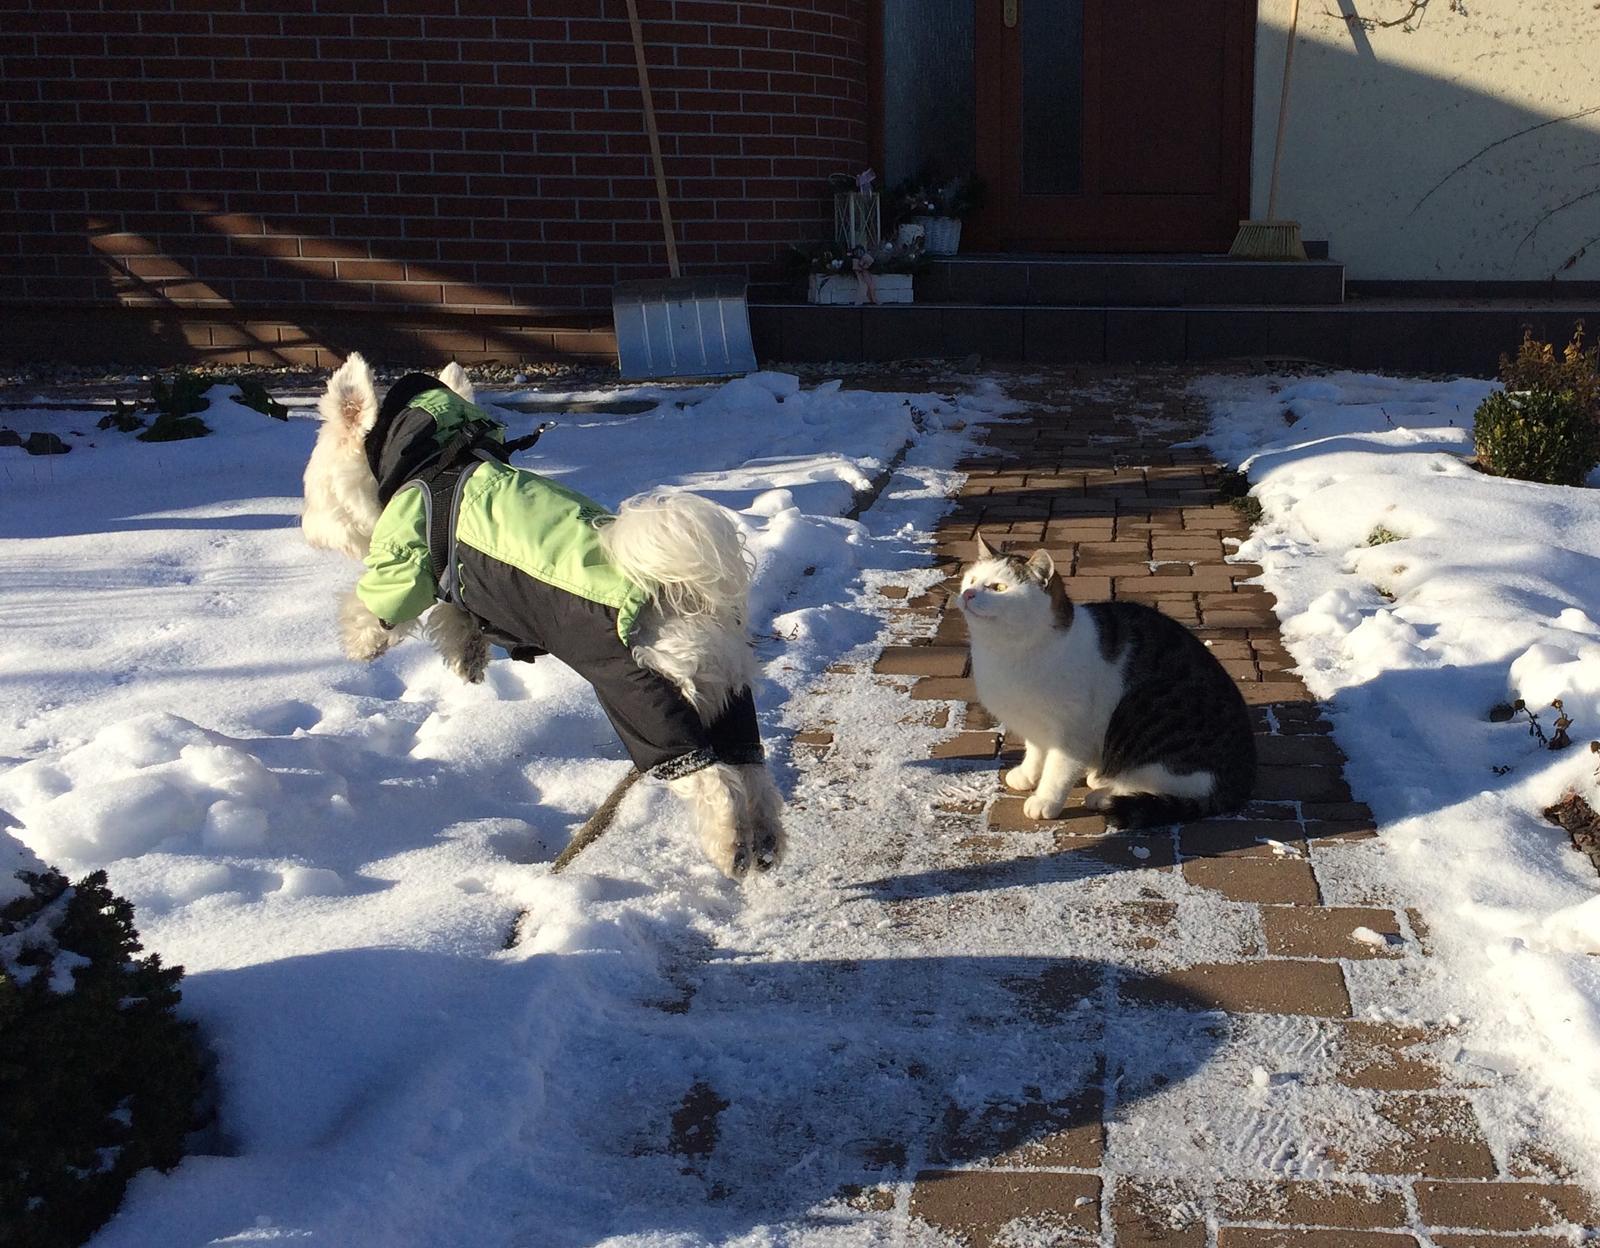 Dům i Zahrada 2019 - kocour asi obdivuje lítacího psa